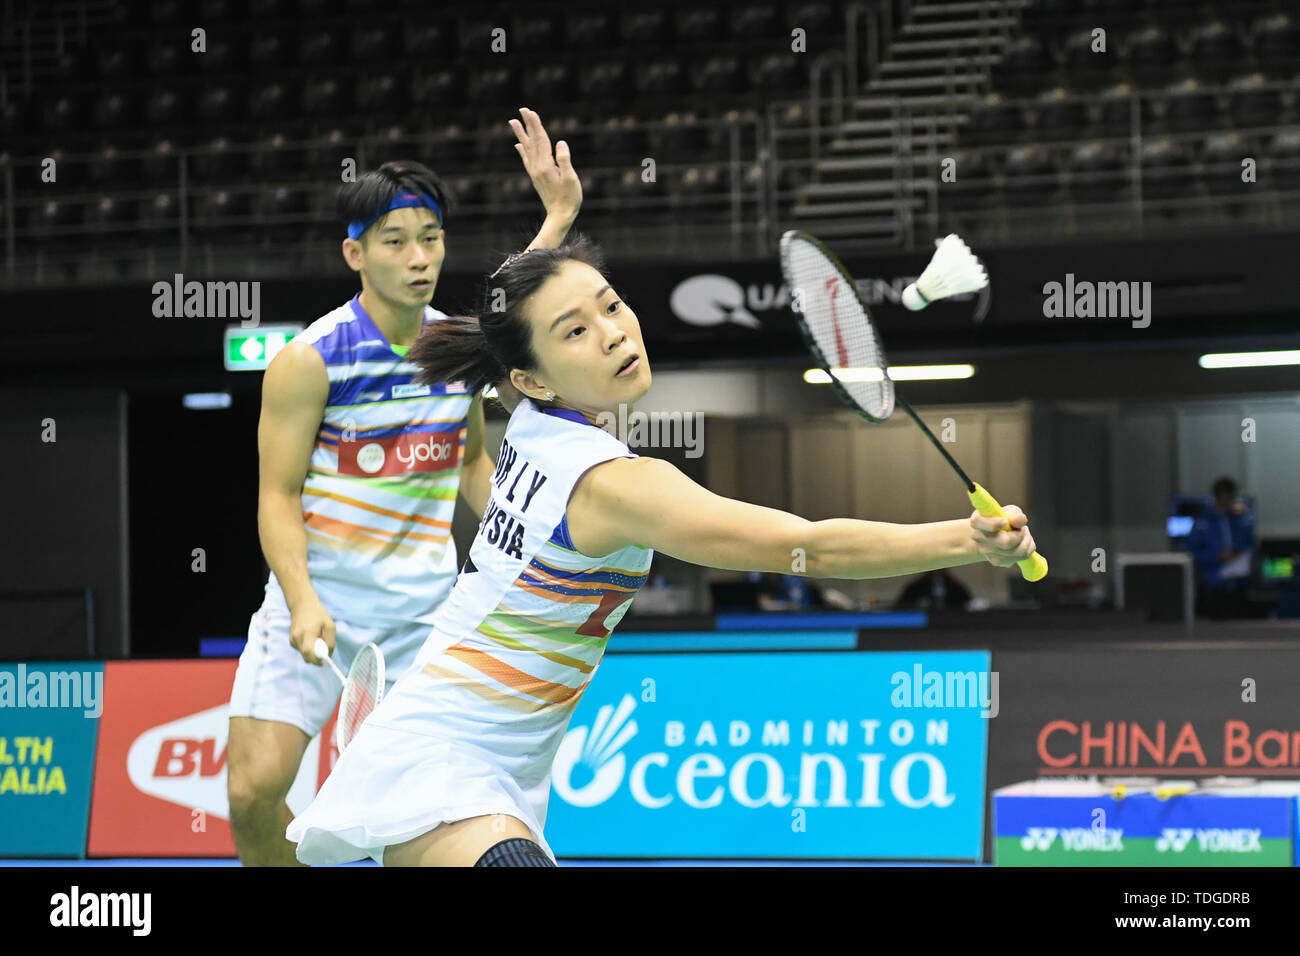 Chan Peng Bald und Goh Liu Ying (Malaysia) in Aktion gesehen, während der 2019 australischen Badminton Open Mixed Doppel Viertelfinale Spiel gegen Praveen Jordanien und Melati Daeva Oktavianti (Indonesien). Chan und Goh verloren das Match 18-21, 20-22. Stockbild